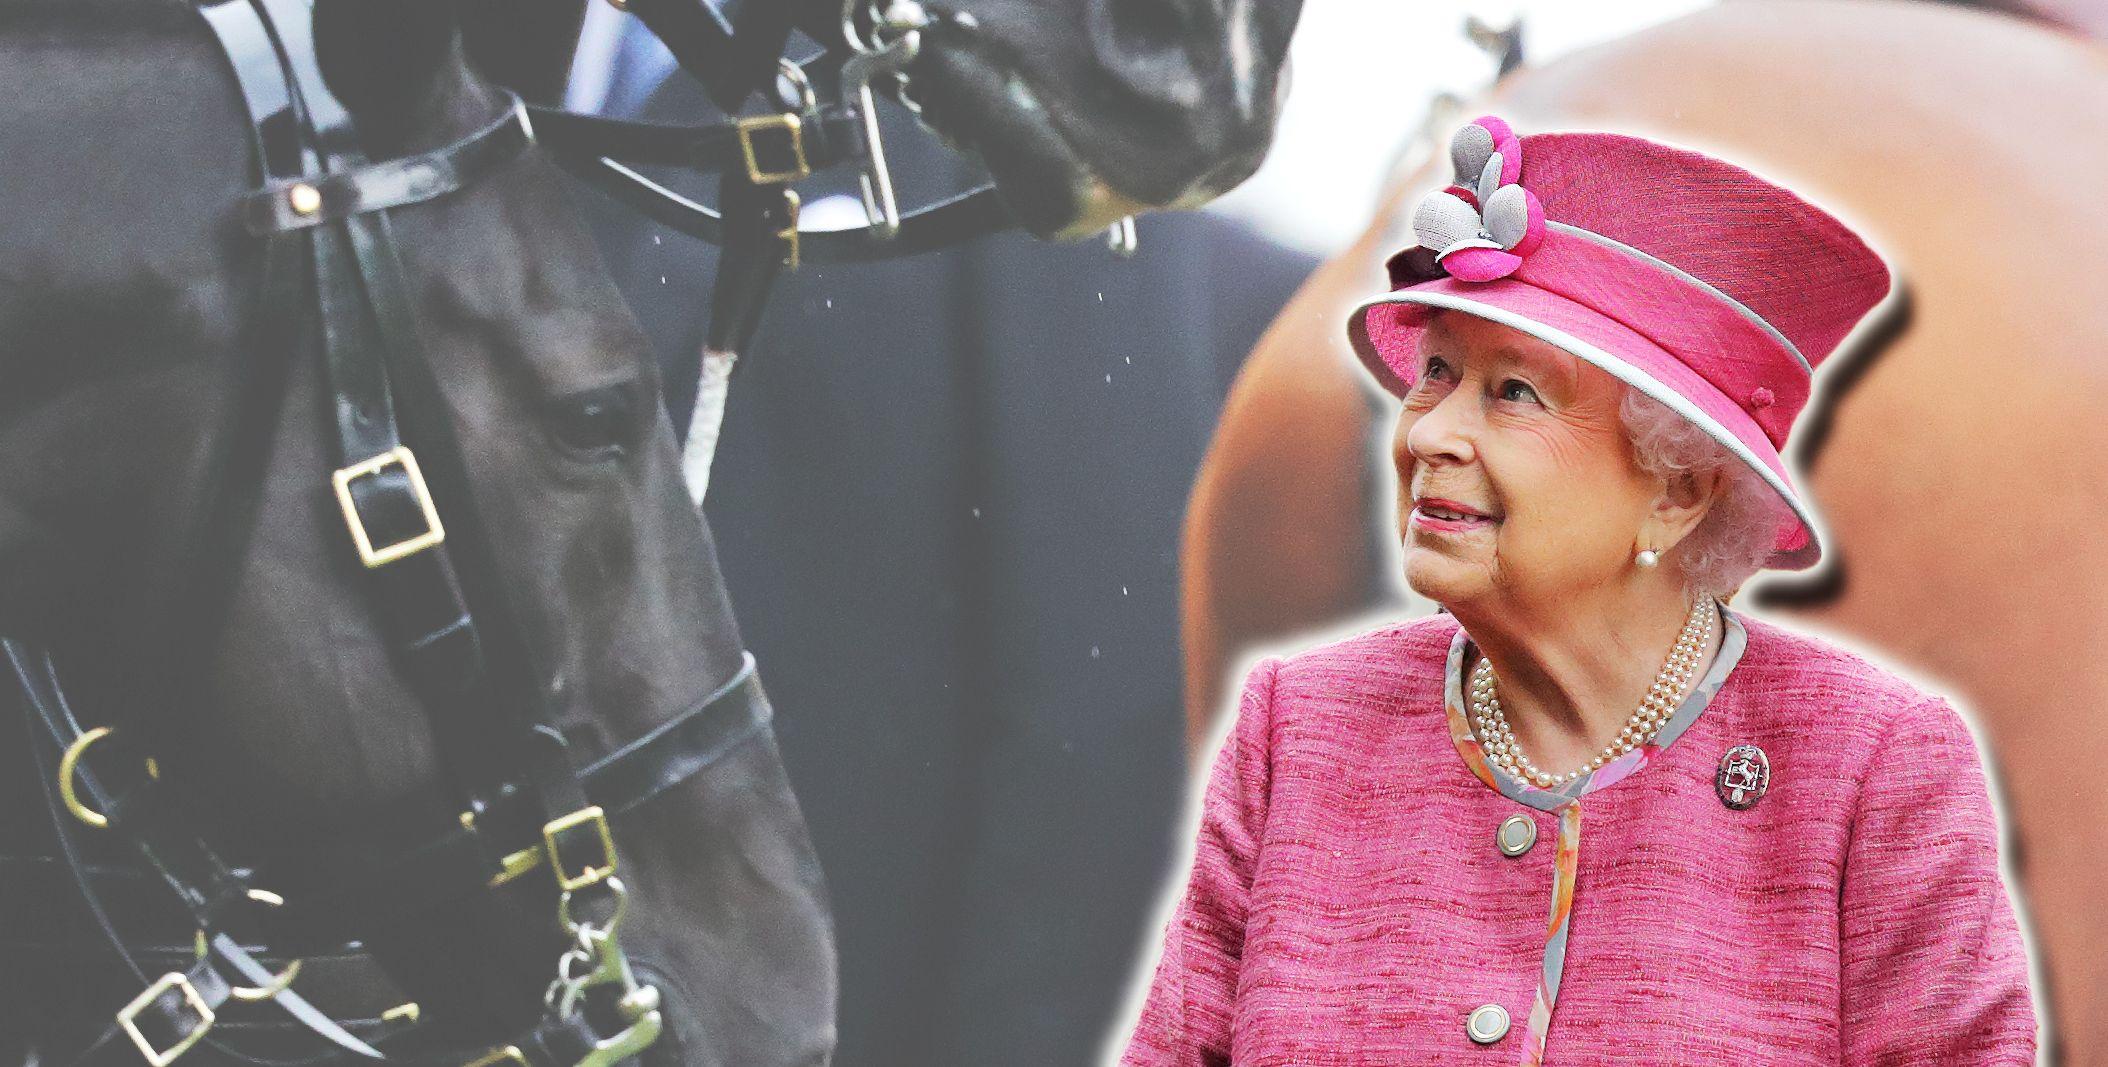 La regina Elisabetta II a 92 anni è più in forma, attiva e in salute di me e te messi insieme